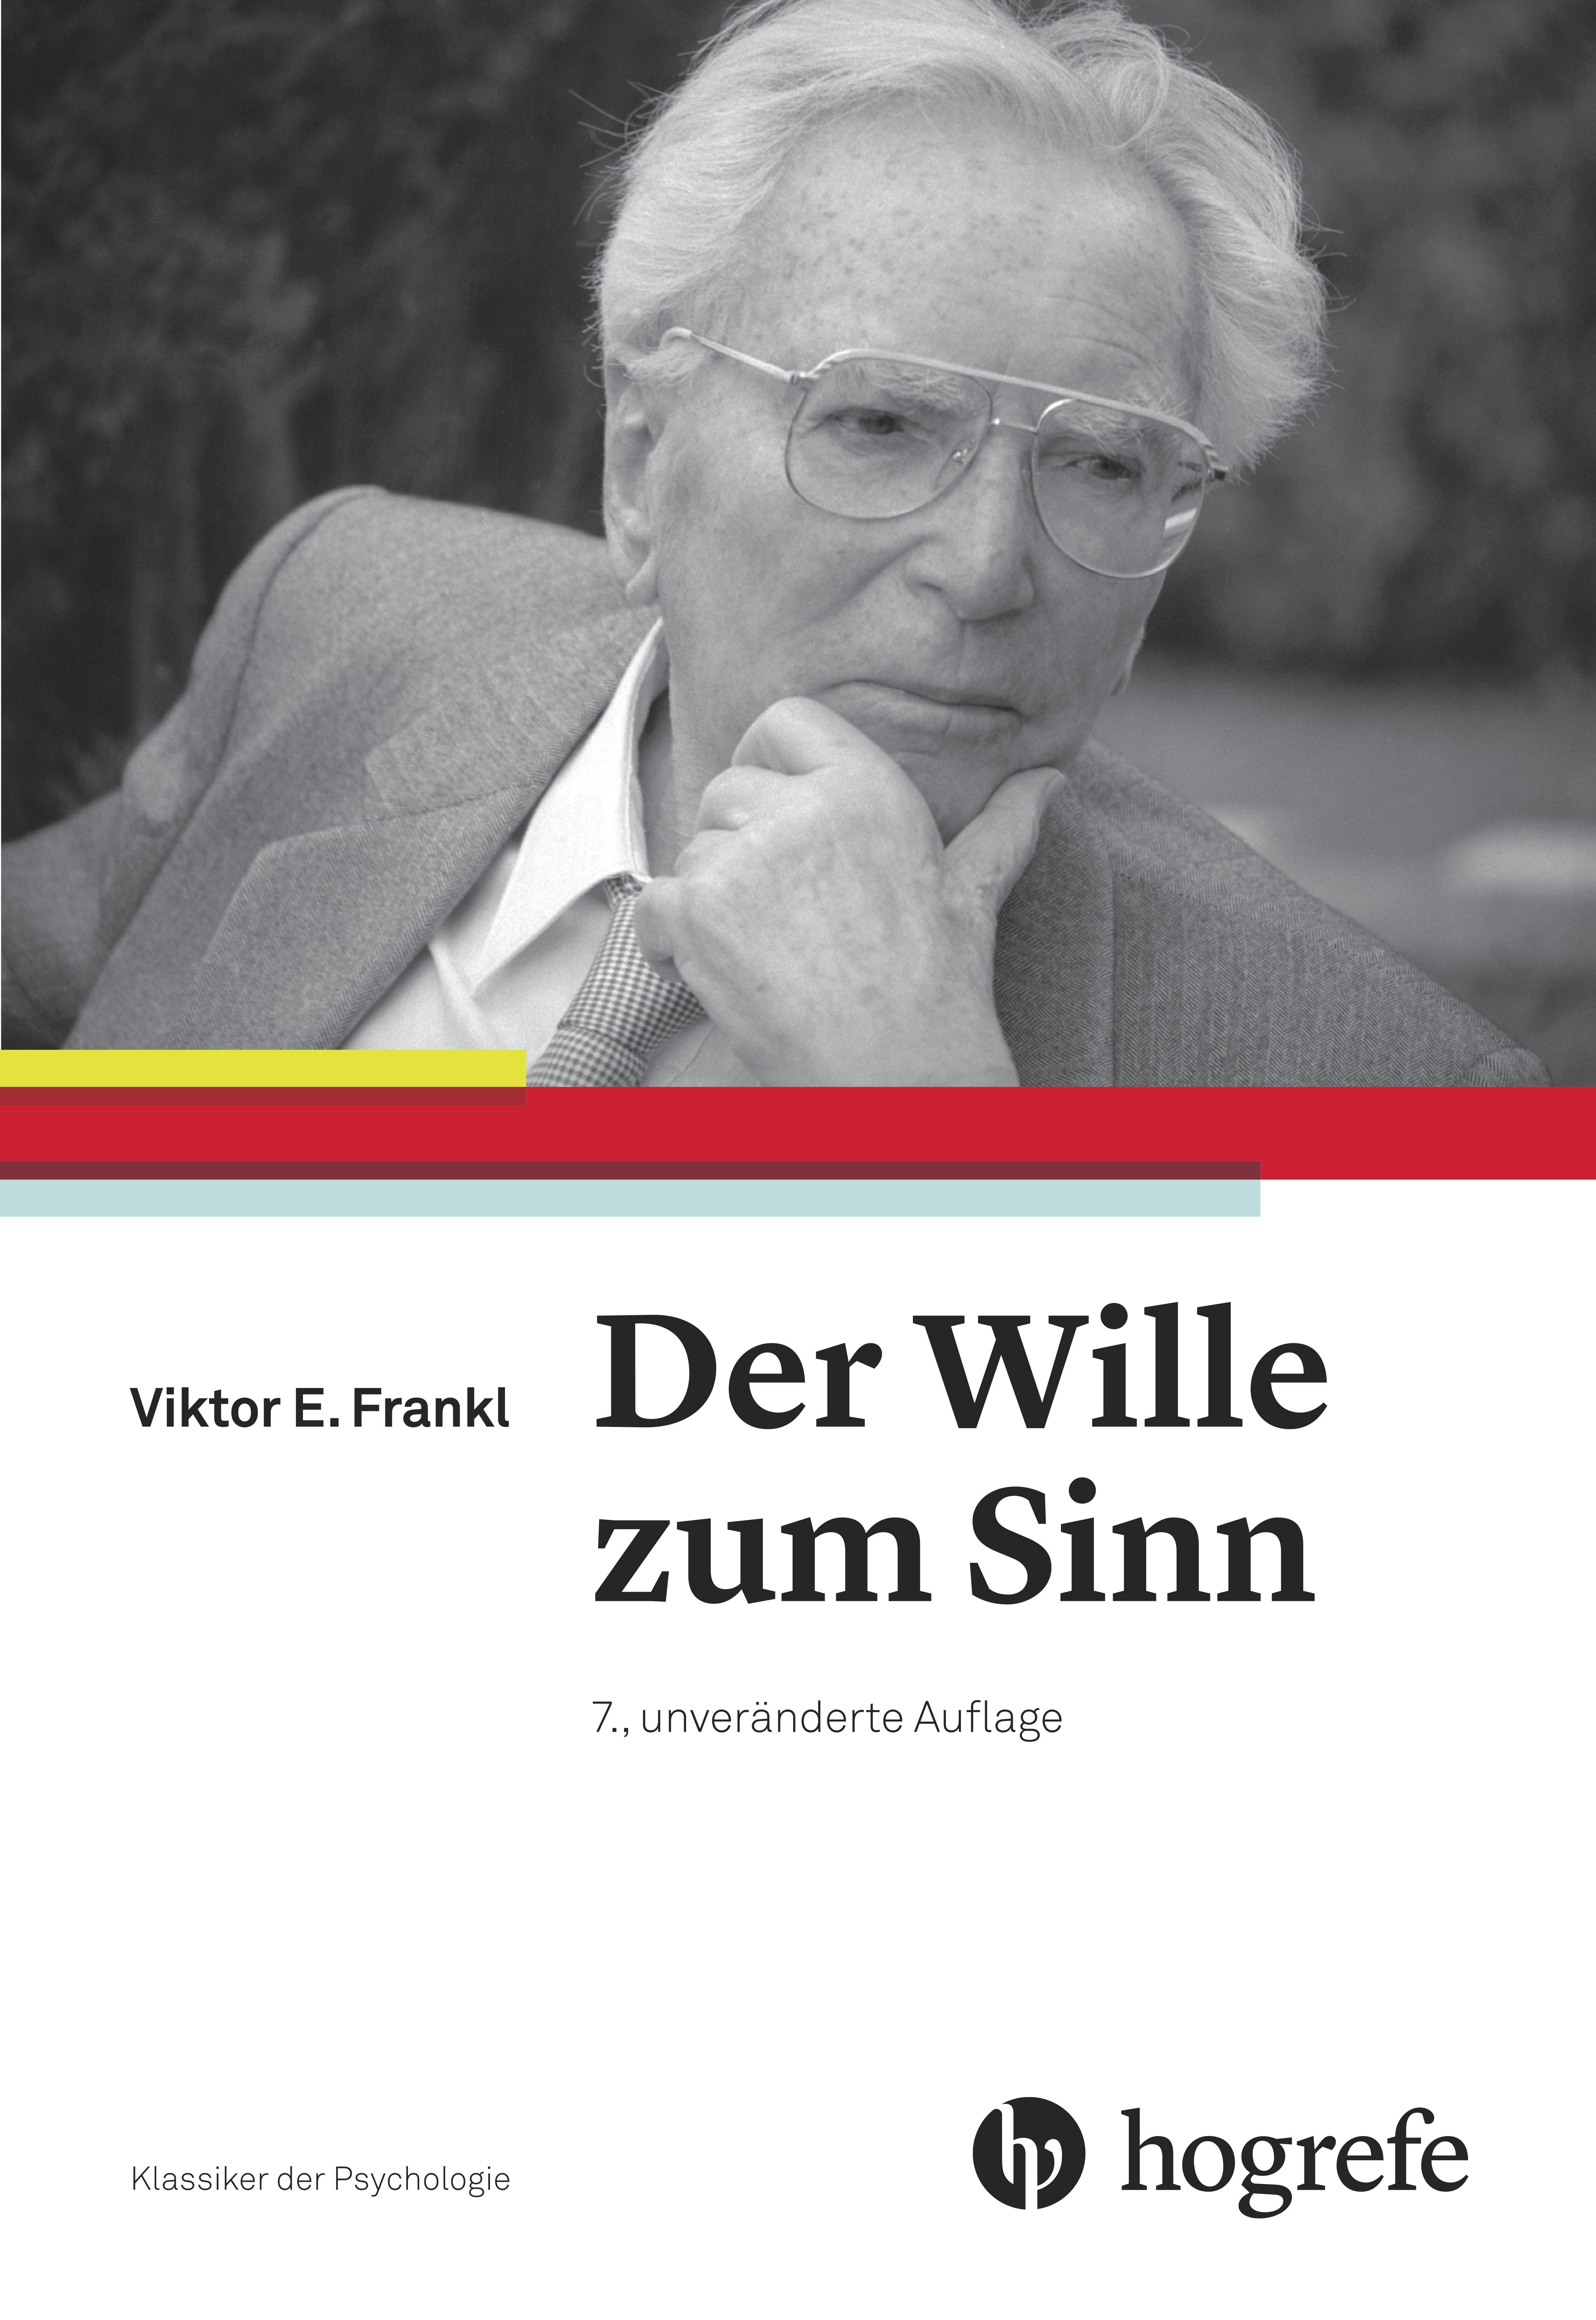 Der Wille zum Sinn Viktor E Frankl 9783456856018